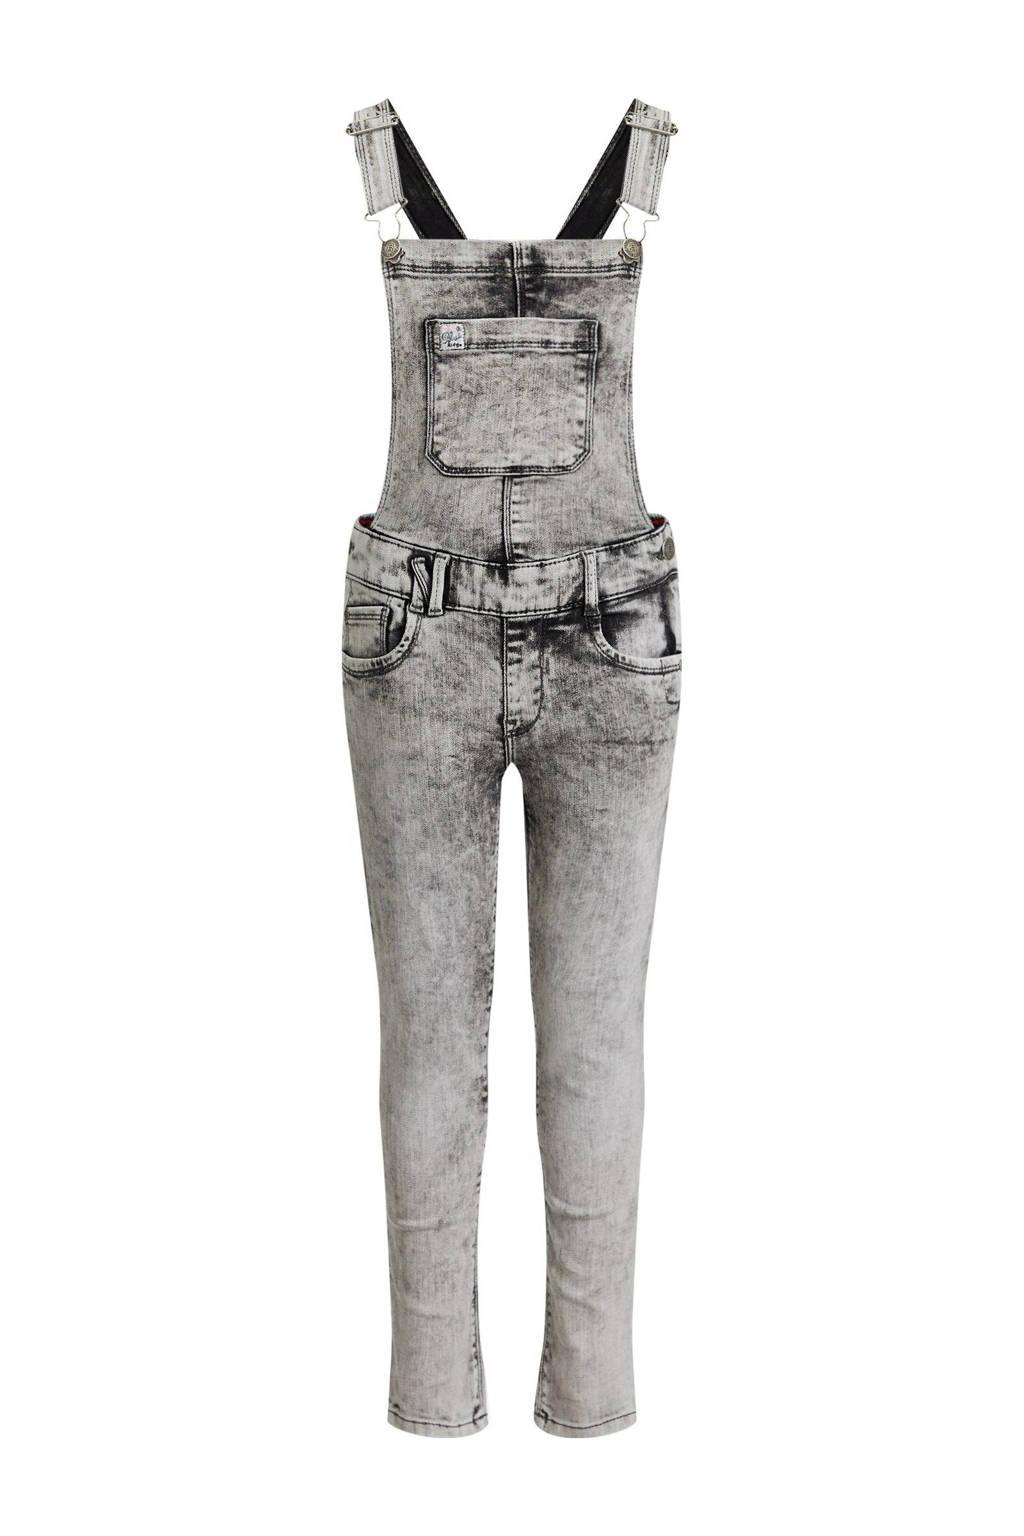 WE Fashion Blue Ridge denim tuinbroek grijs stonewashed, Grijs